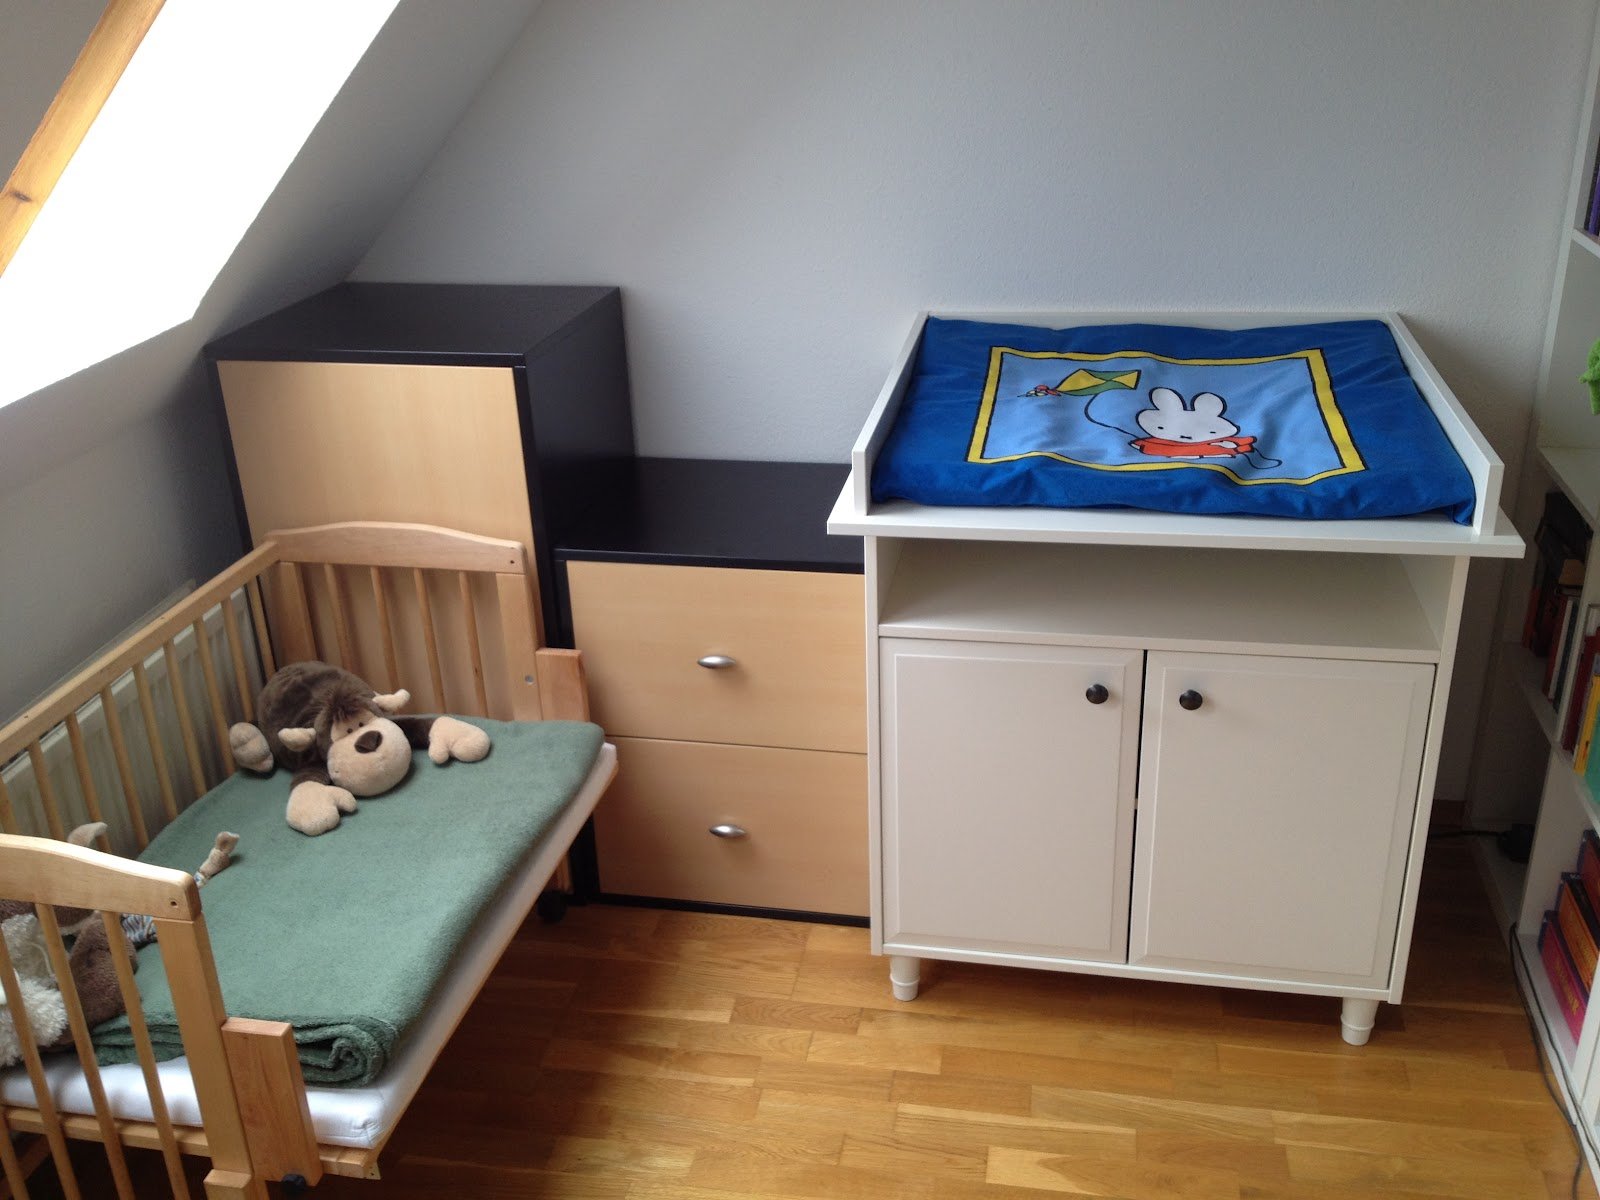 Hau doch ab nach berlin august 2012 for Wohnzimmer quatsch